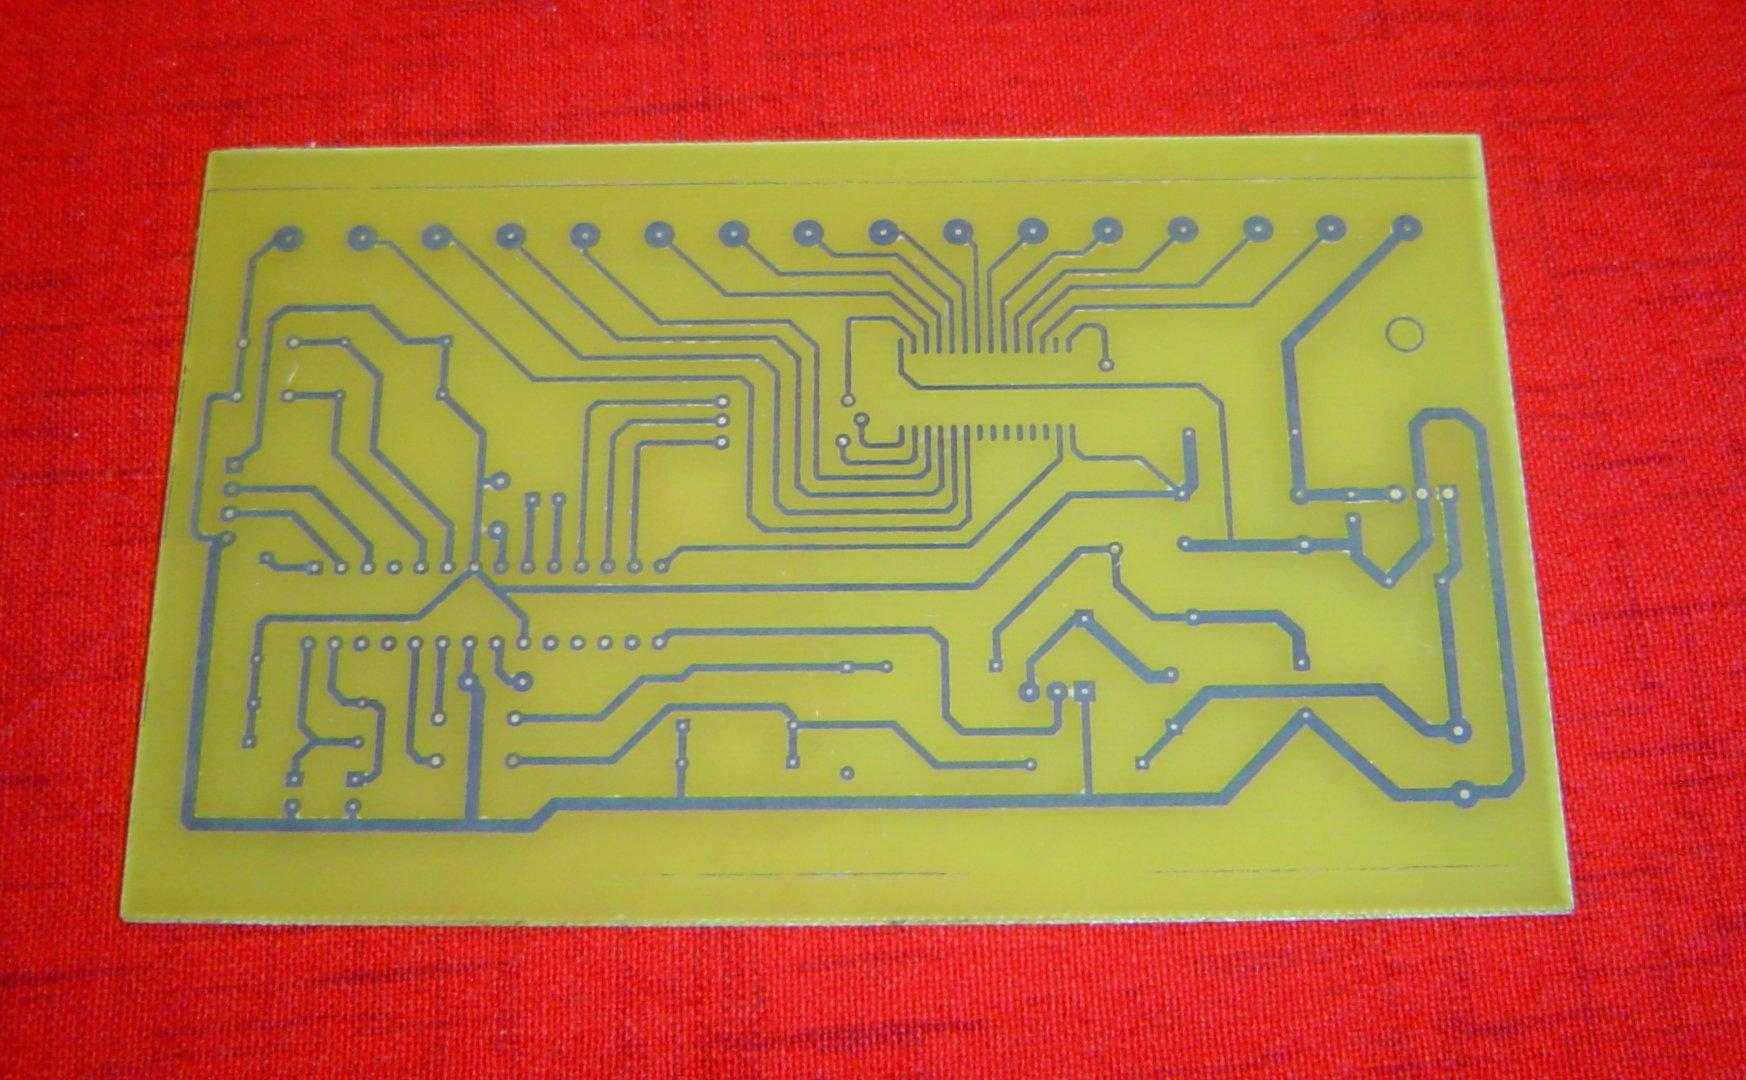 PCB for IVL1-7/5 Clock